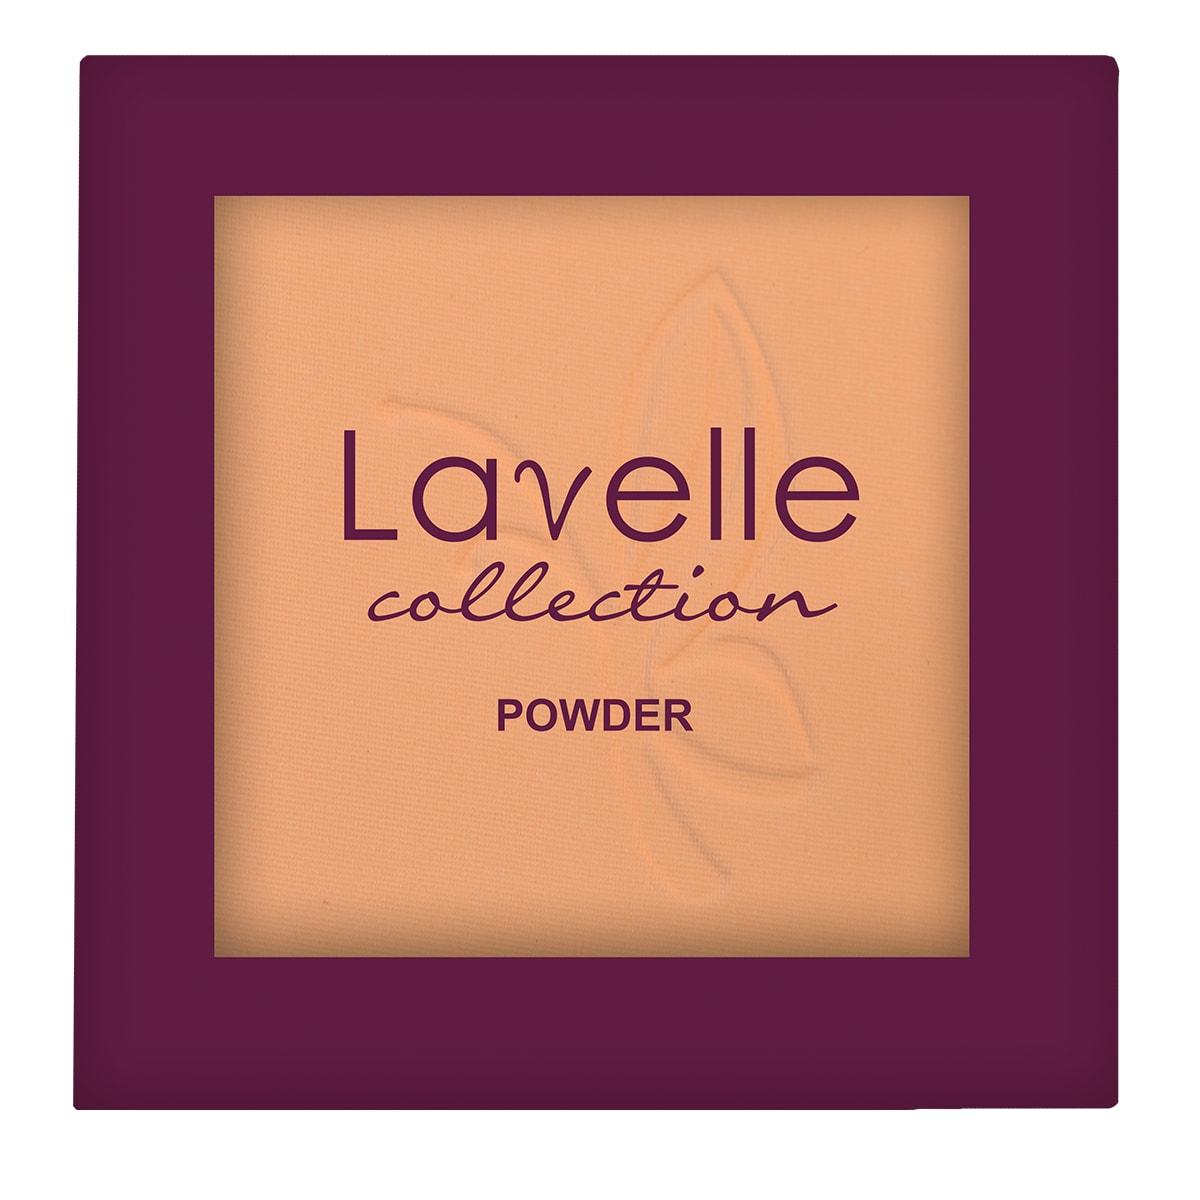 Фото - Lavelle Collection пудра для лица PD-09 компактная тон 03 36г lavelle collection пудра для лица pd 11 компактная тон 05 кремовый 40г